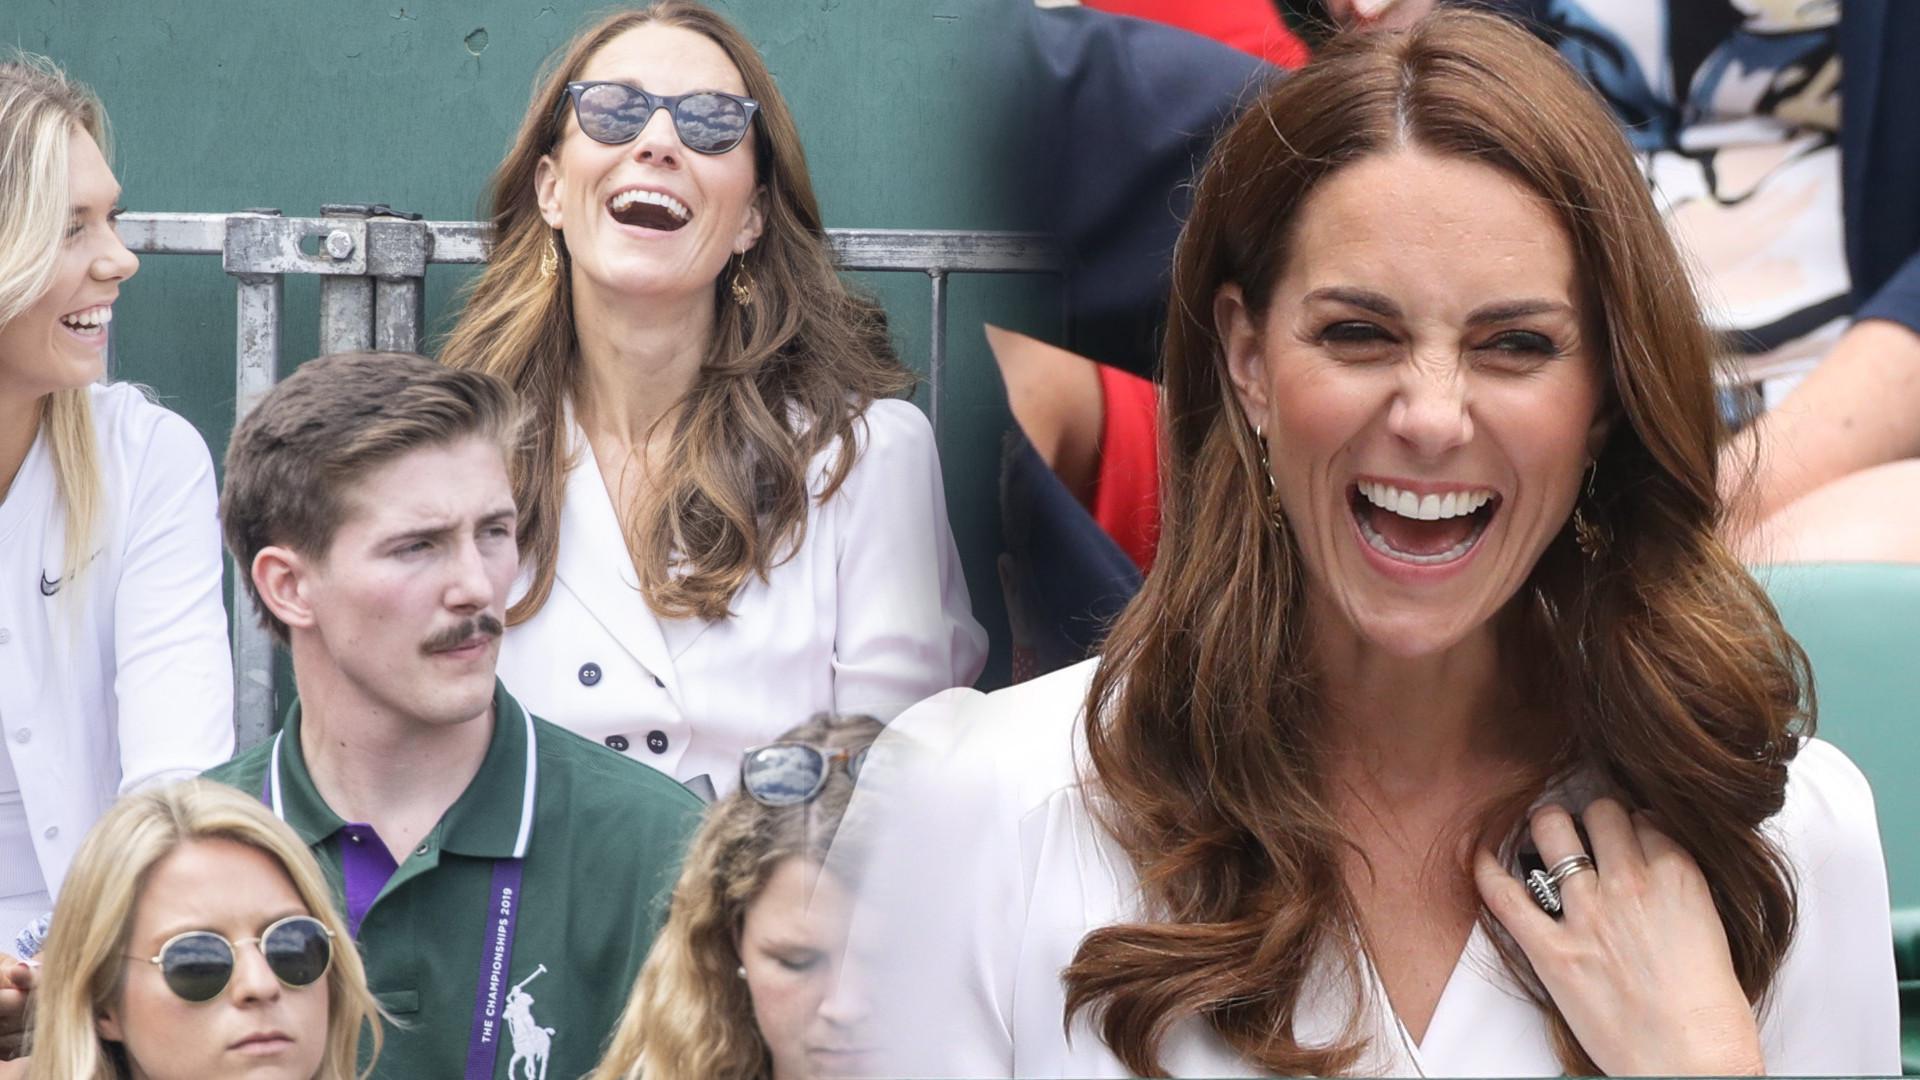 Księżna Kate na Wimbledonie w towarzystwie koleżanek – jej torebka od projektanta to absolutny hit mody (ZDJĘCIA)